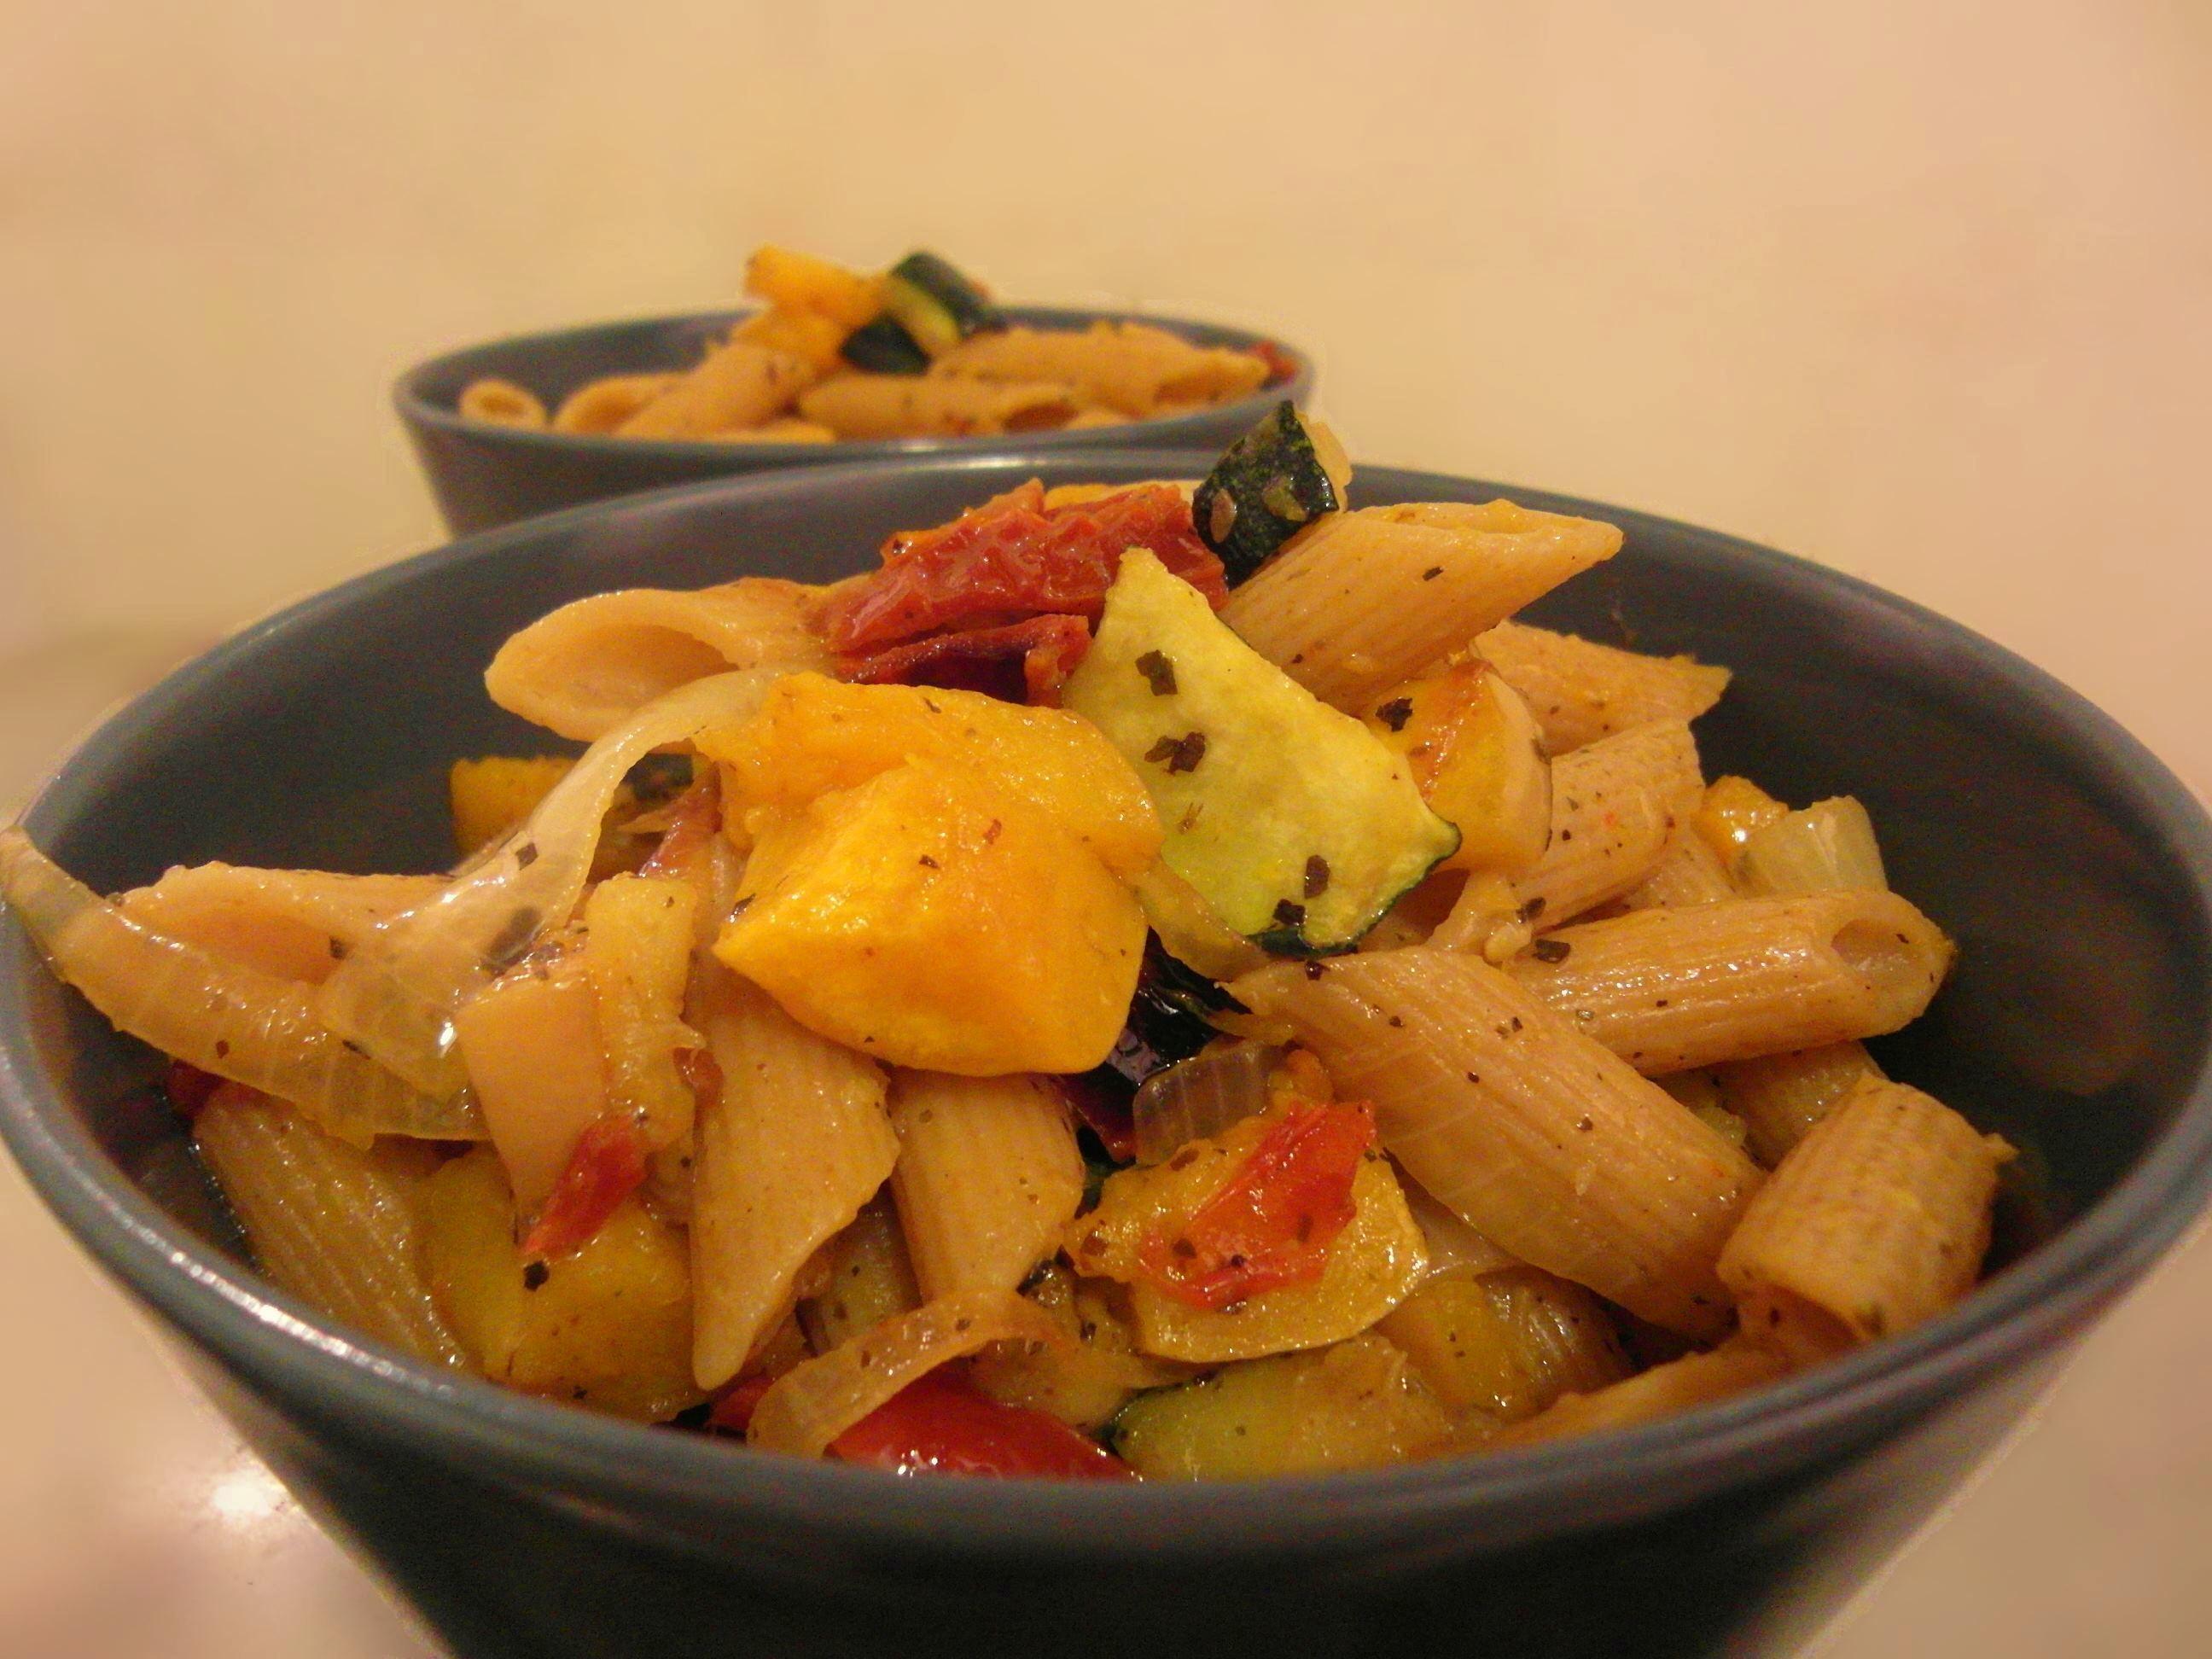 פסטה מחיטה מלאה עם זוקיני דלורית צעירה ועגבניות מתכון טבעוני של השוחטת הטבעונית יעלי שוחט